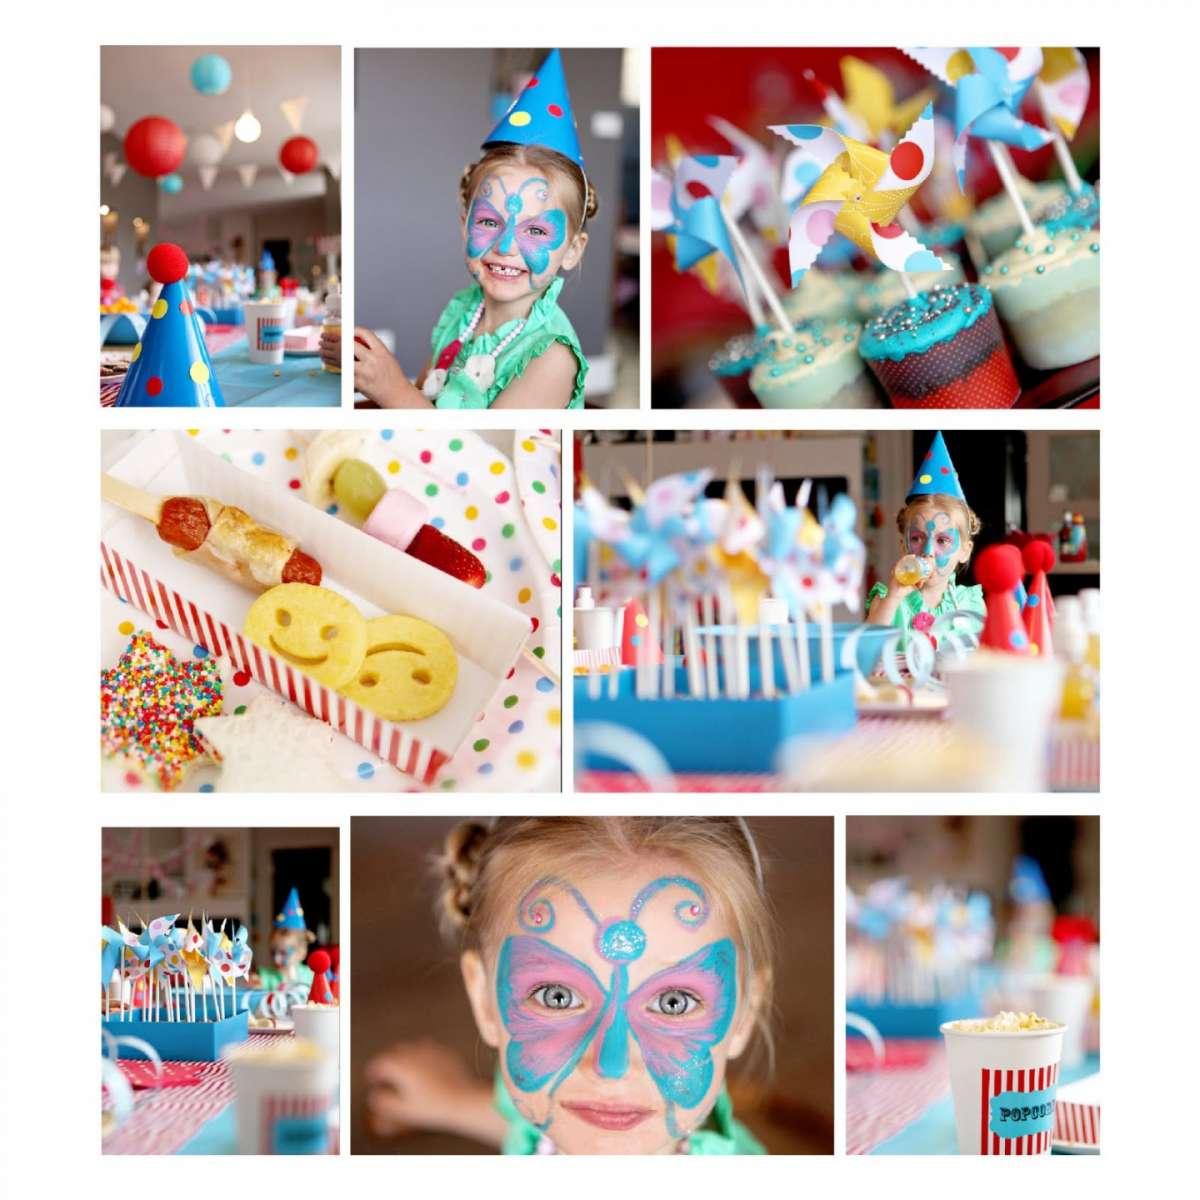 abbastanza Idee per feste di compleanno per bambini WG77